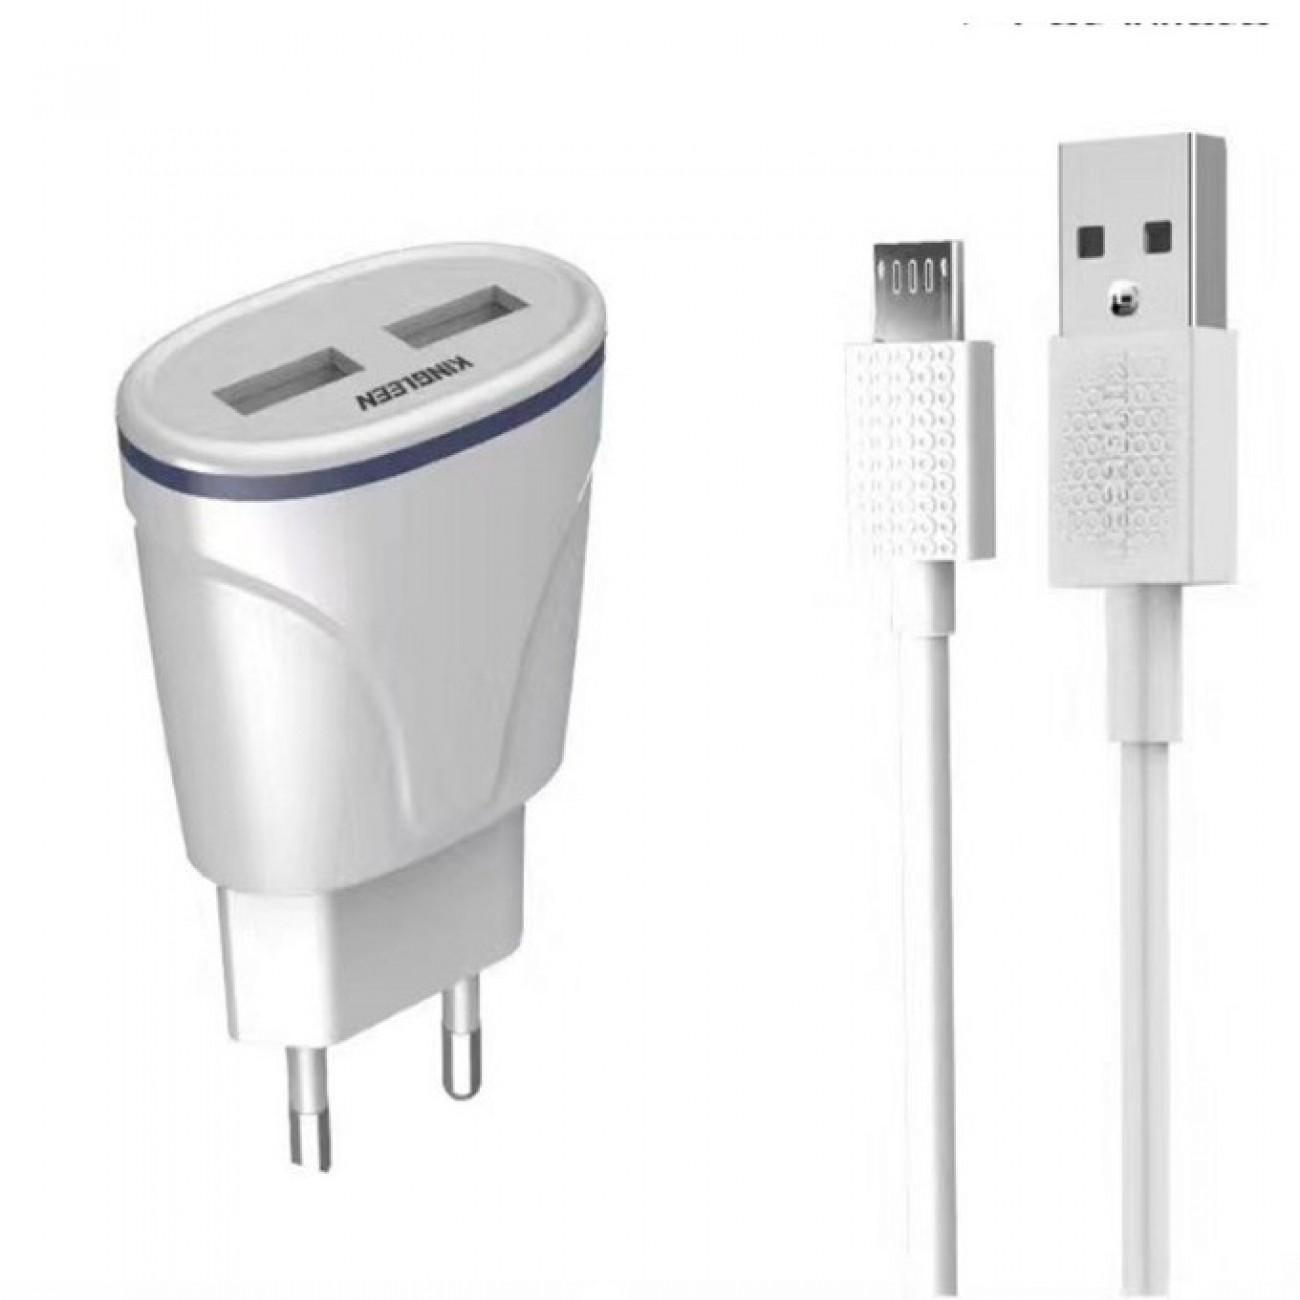 Зарядно устройство Kingleen от контакт към 2x USB A(ж), 5V/2.1, с кабел от USB A(м) към USB C(м), бяло в Перални и Сушилни -    Alleop